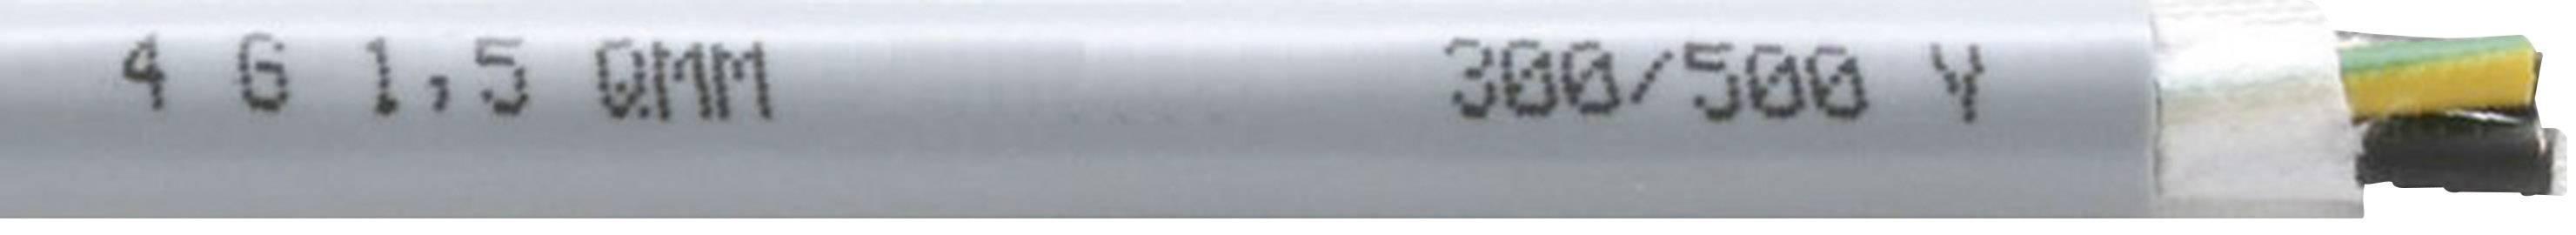 Tažný kabel Faber Kabel EFK 310 Y 310 UL/CSA-SCHLEPPLTG.PVC/PVC (035426), 5x 0,5 mm², PVC, Ø 7,5 mm, nestíněný